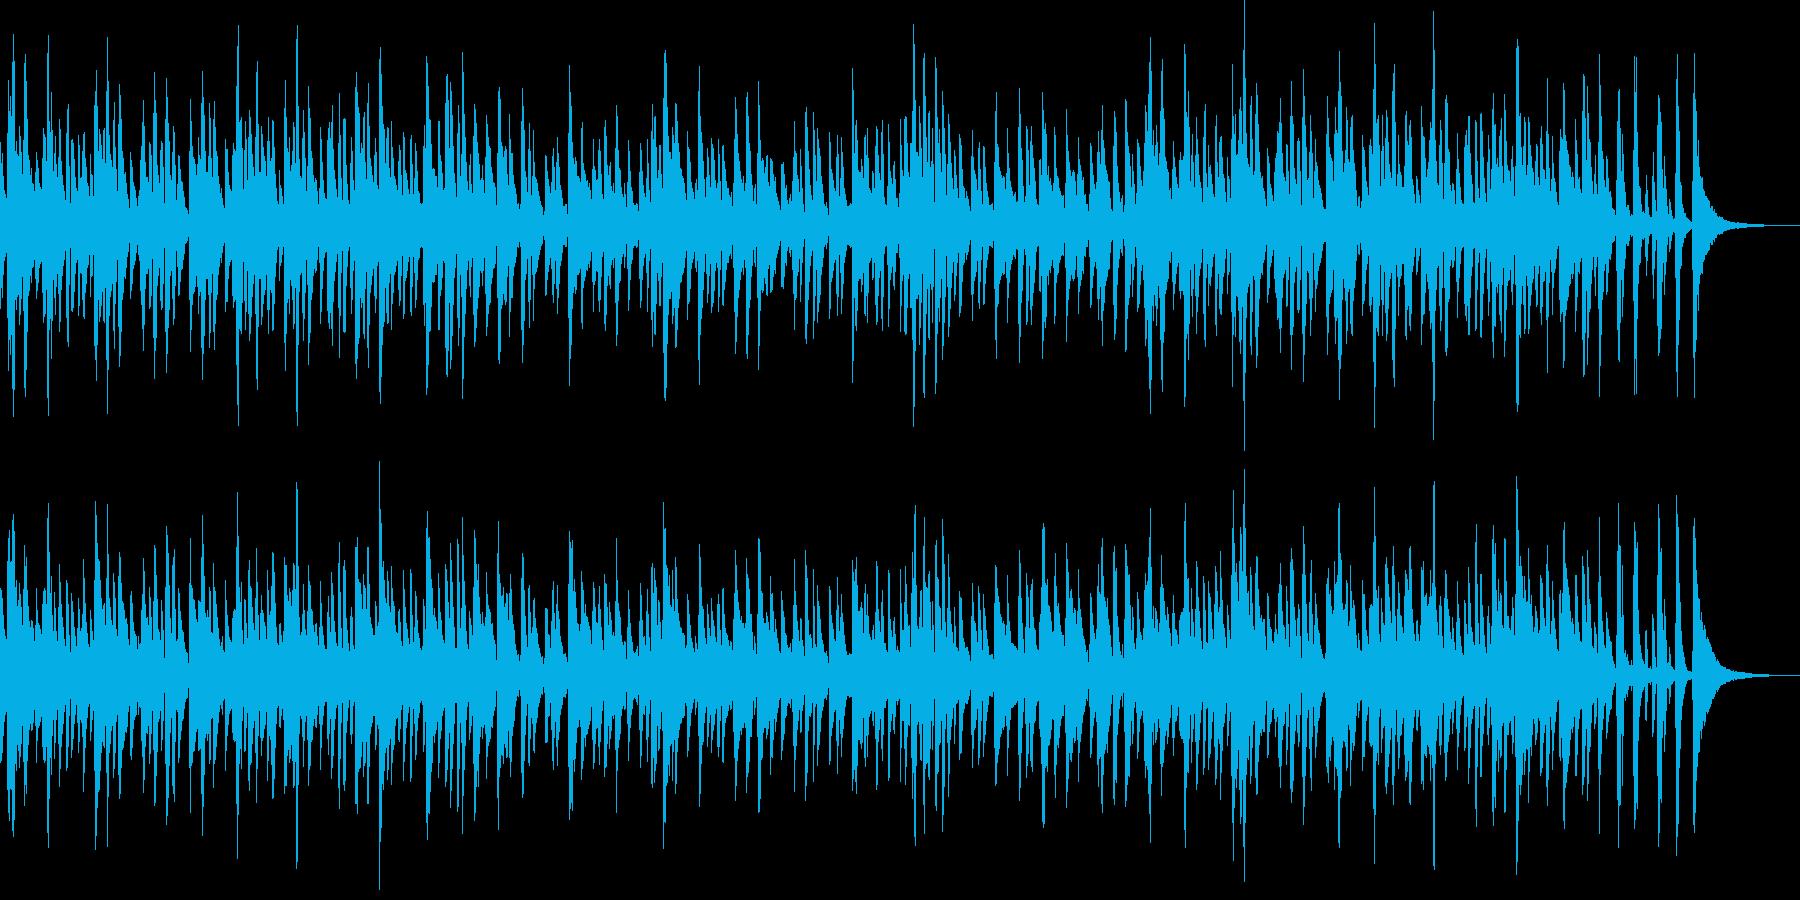 お洒落でキャッチ―なジャズピアノトリオ4の再生済みの波形